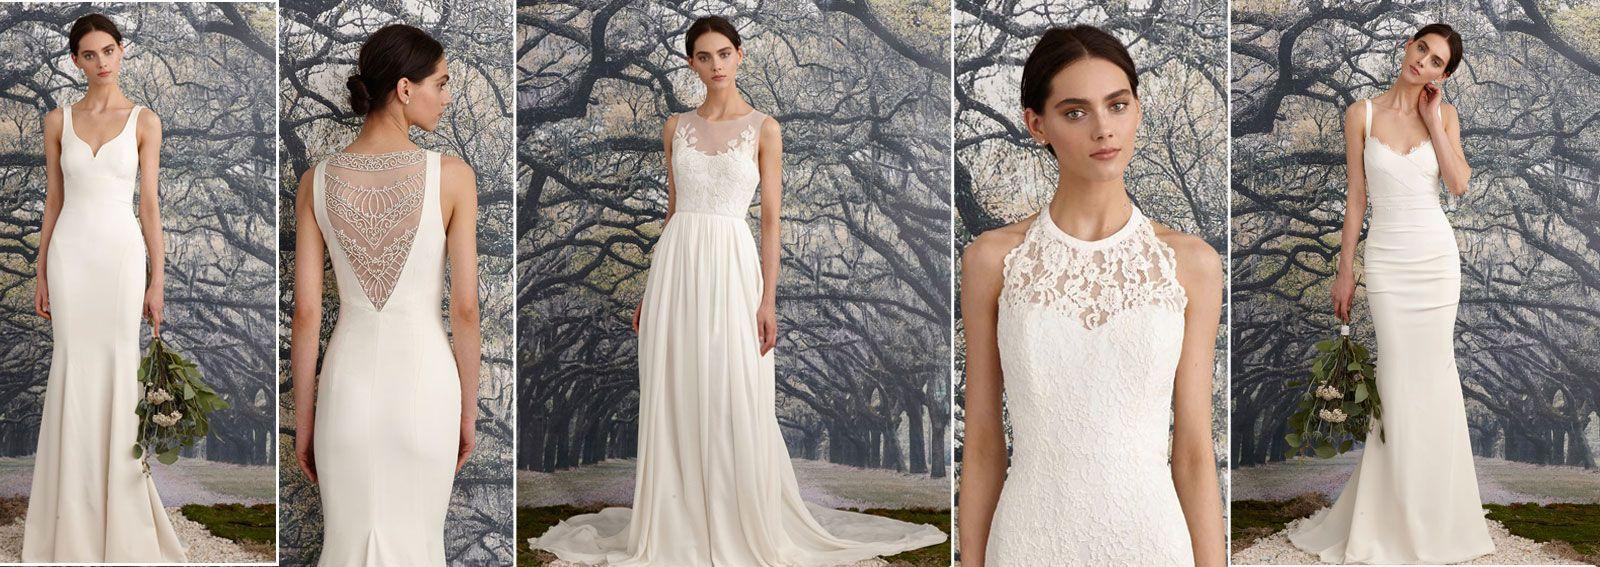 Nicole Miller: la collezione sposa 2016